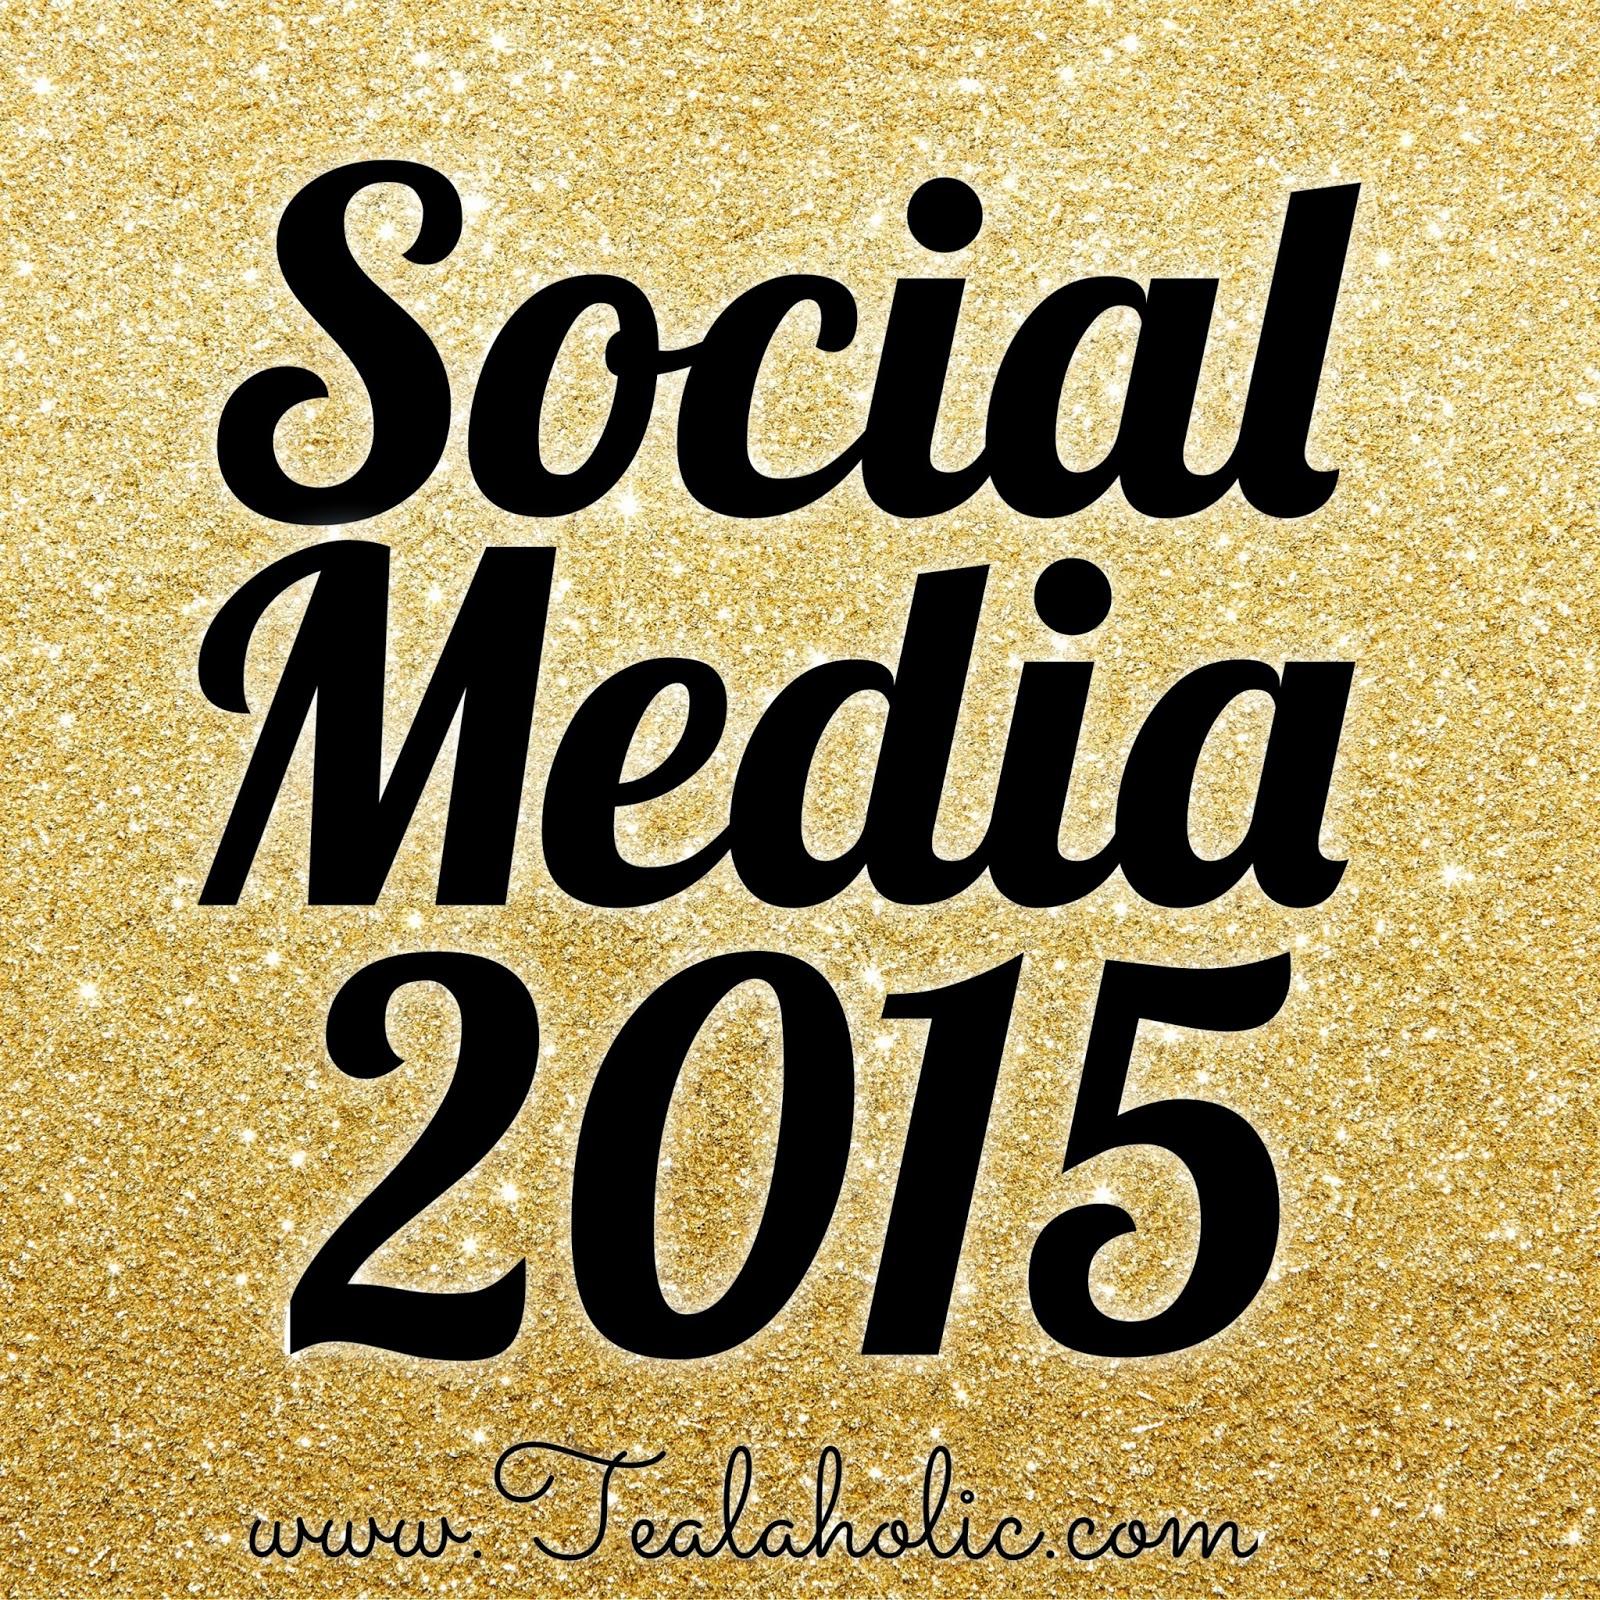 2015 Social Media Predictions and Tips